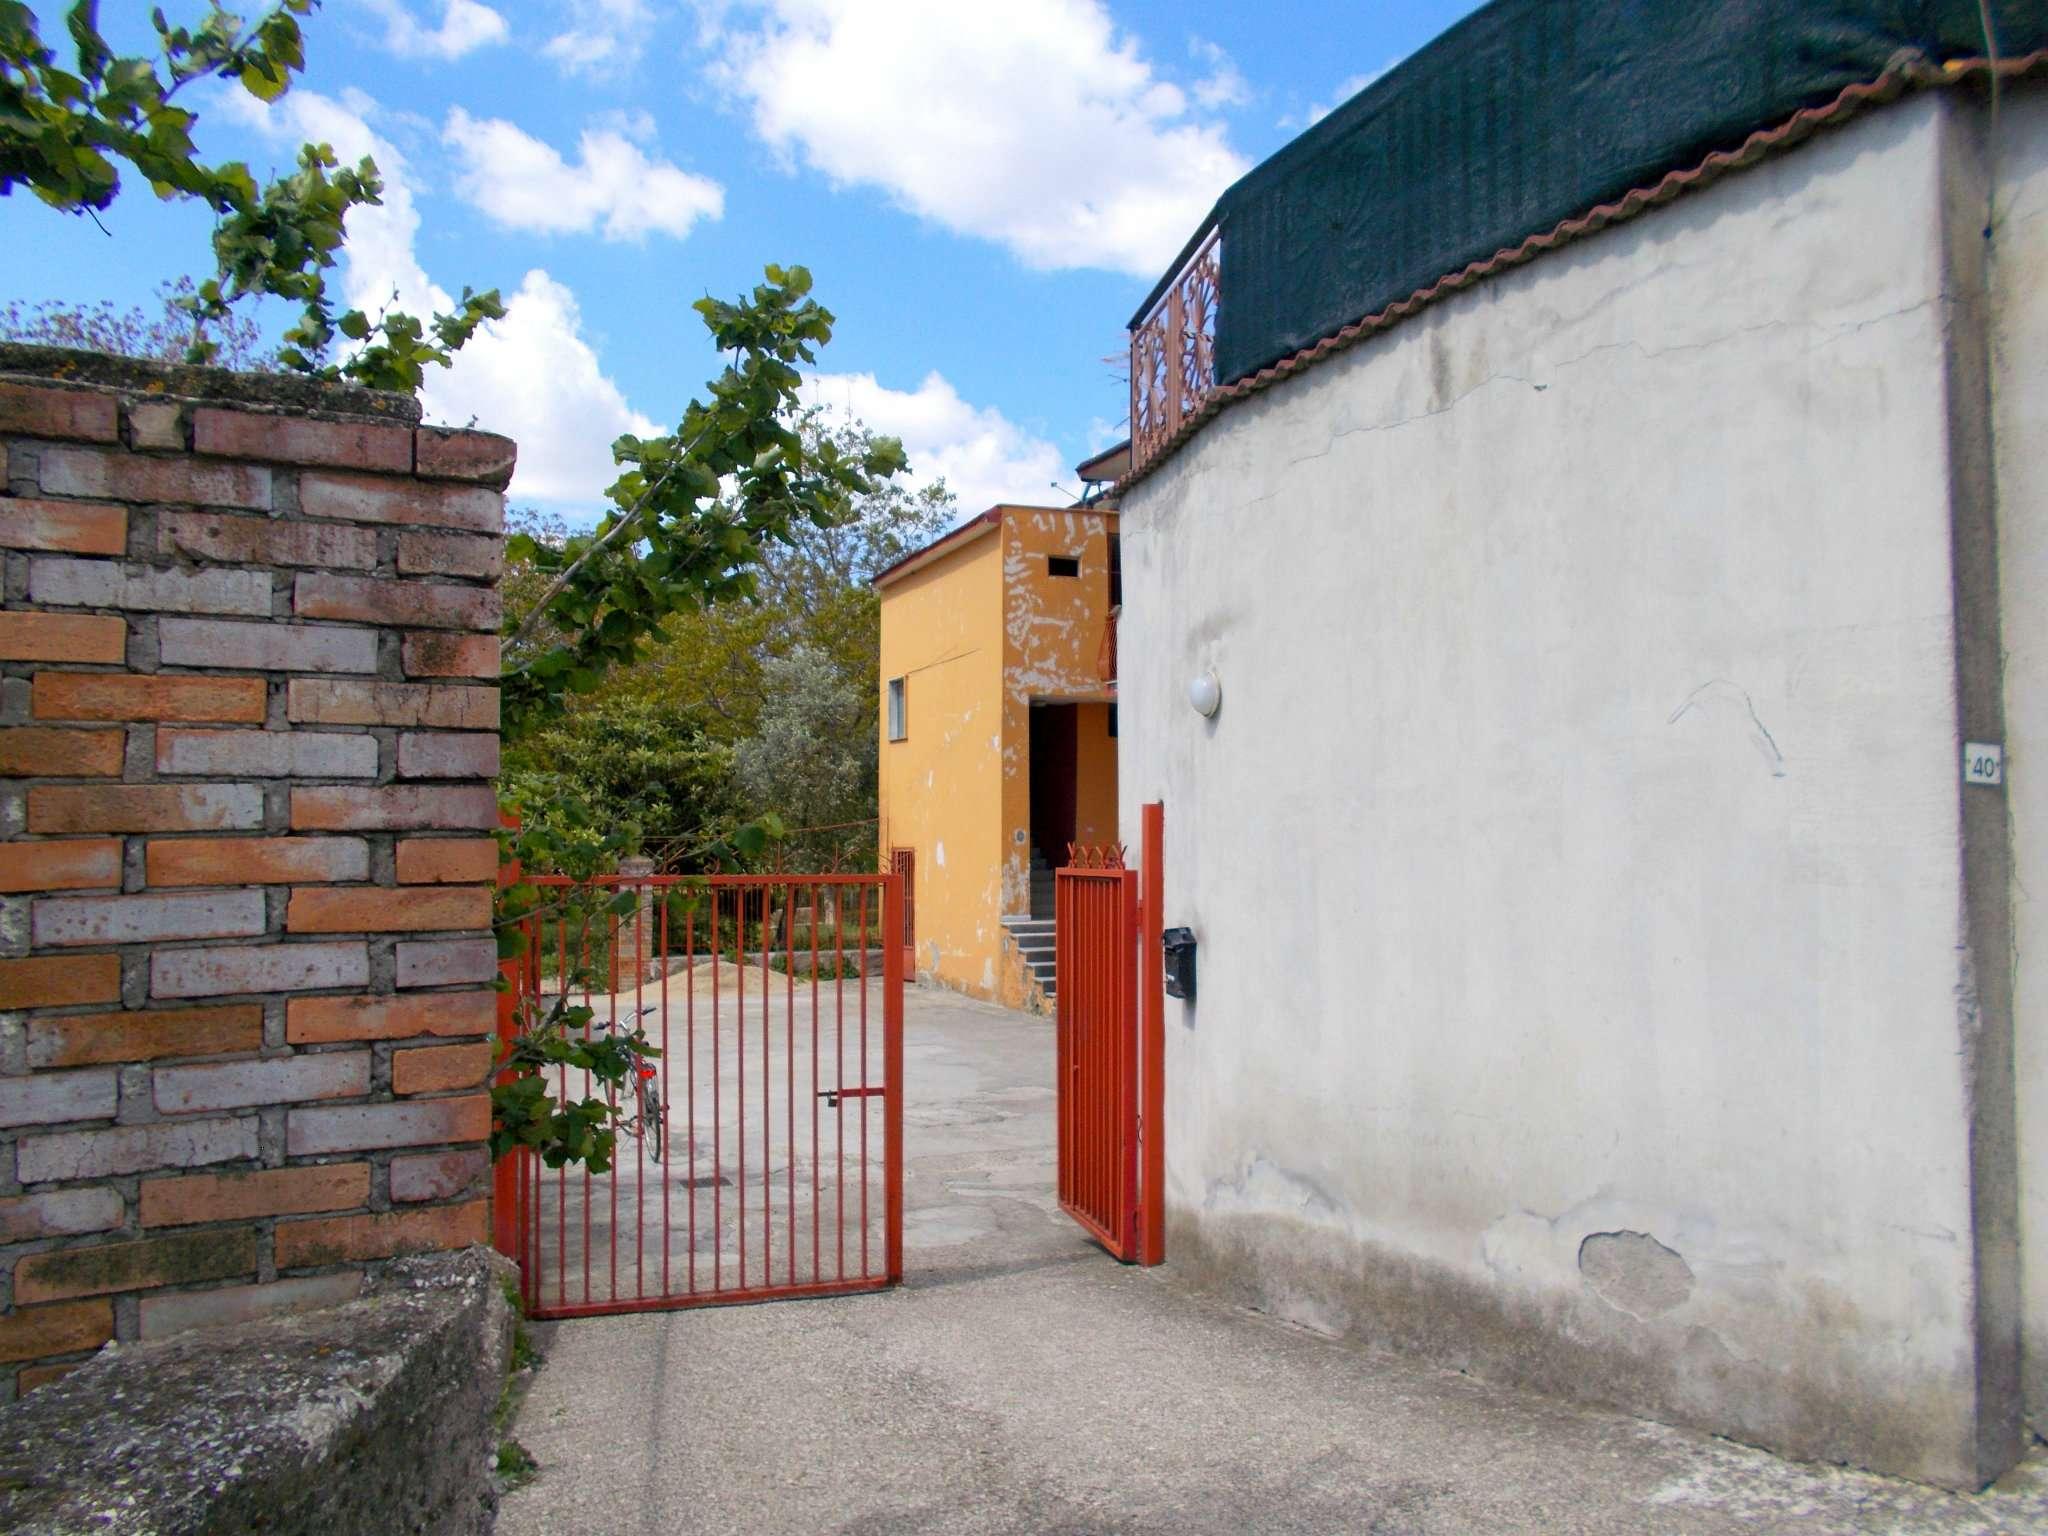 Appartamento in affitto a Santa Maria a Vico, 3 locali, prezzo € 200 | CambioCasa.it